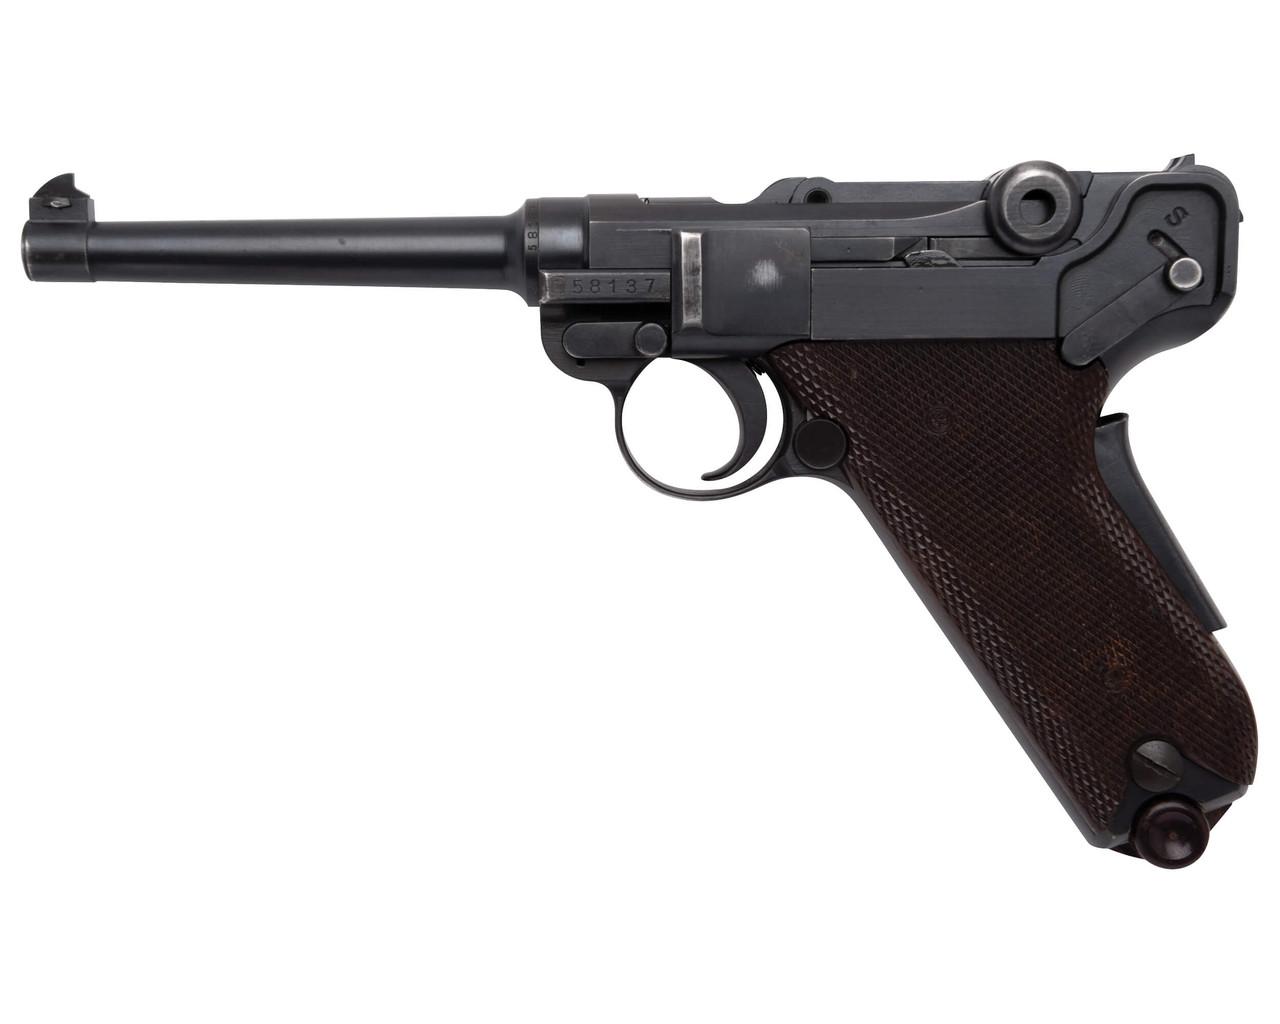 W+F Bern Swiss 06/29 Luger w/ Holster - sn 58xx7